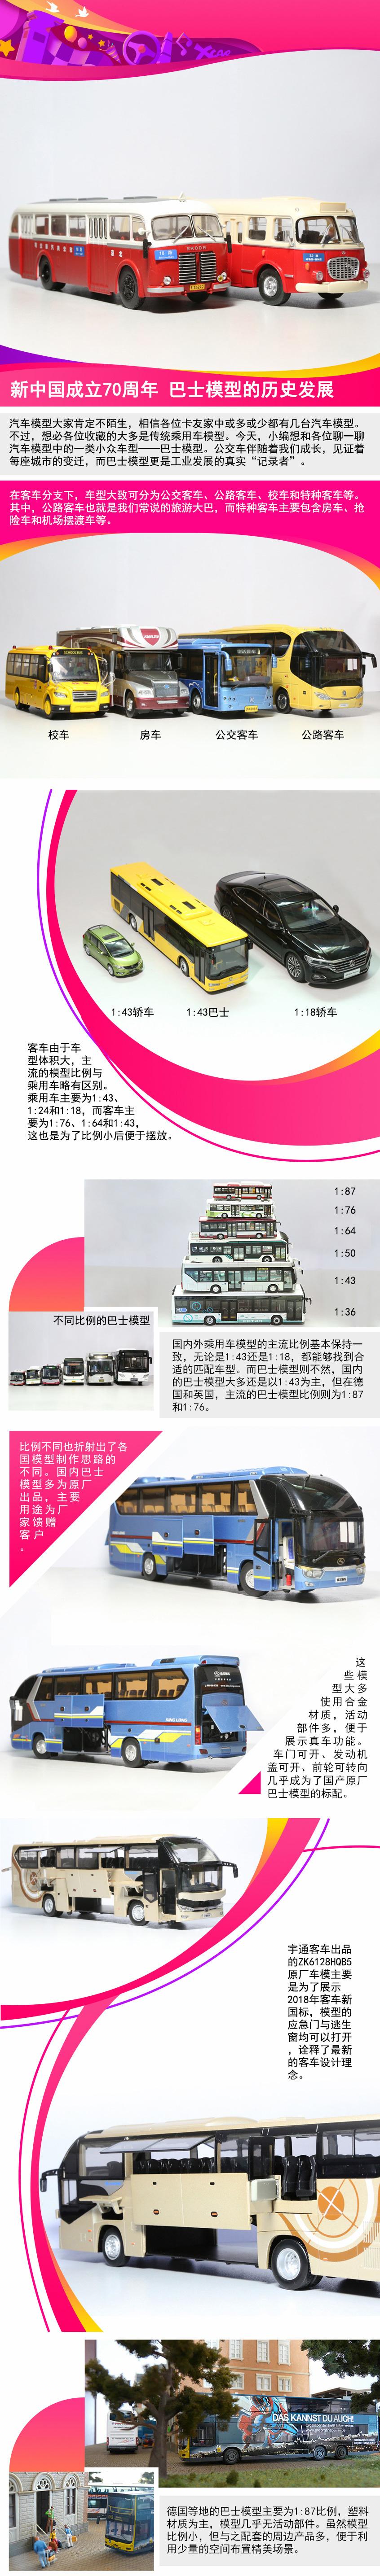 新中国成立70周年 巴士模型的历史发展